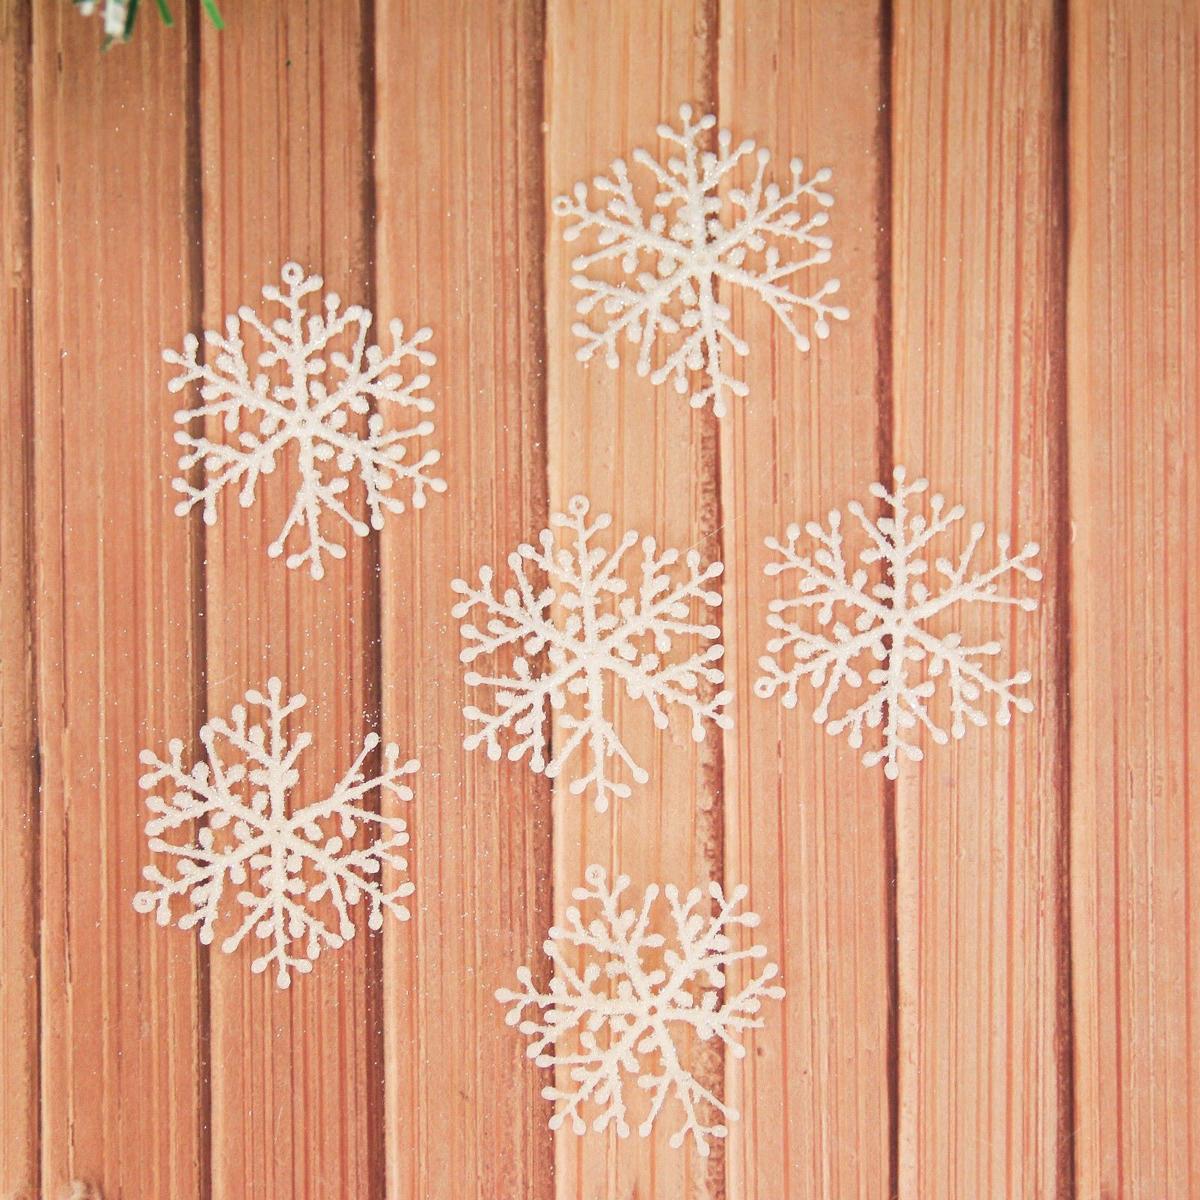 Набор новогодних подвесных украшений Снежинки, диаметр 5,5 см, 18 шт2155349Набор новогодних подвесных украшений отлично подойдет для декорации вашего дома и новогодней ели. С помощью специальной петельки украшение можно повесить в любом понравившемся вам месте. Но, конечно, удачнее всего оно будет смотреться на праздничной елке.Елочная игрушка - символ Нового года. Она несет в себе волшебство и красоту праздника. Такое украшение создаст в вашем доме атмосферу праздника, веселья и радости.